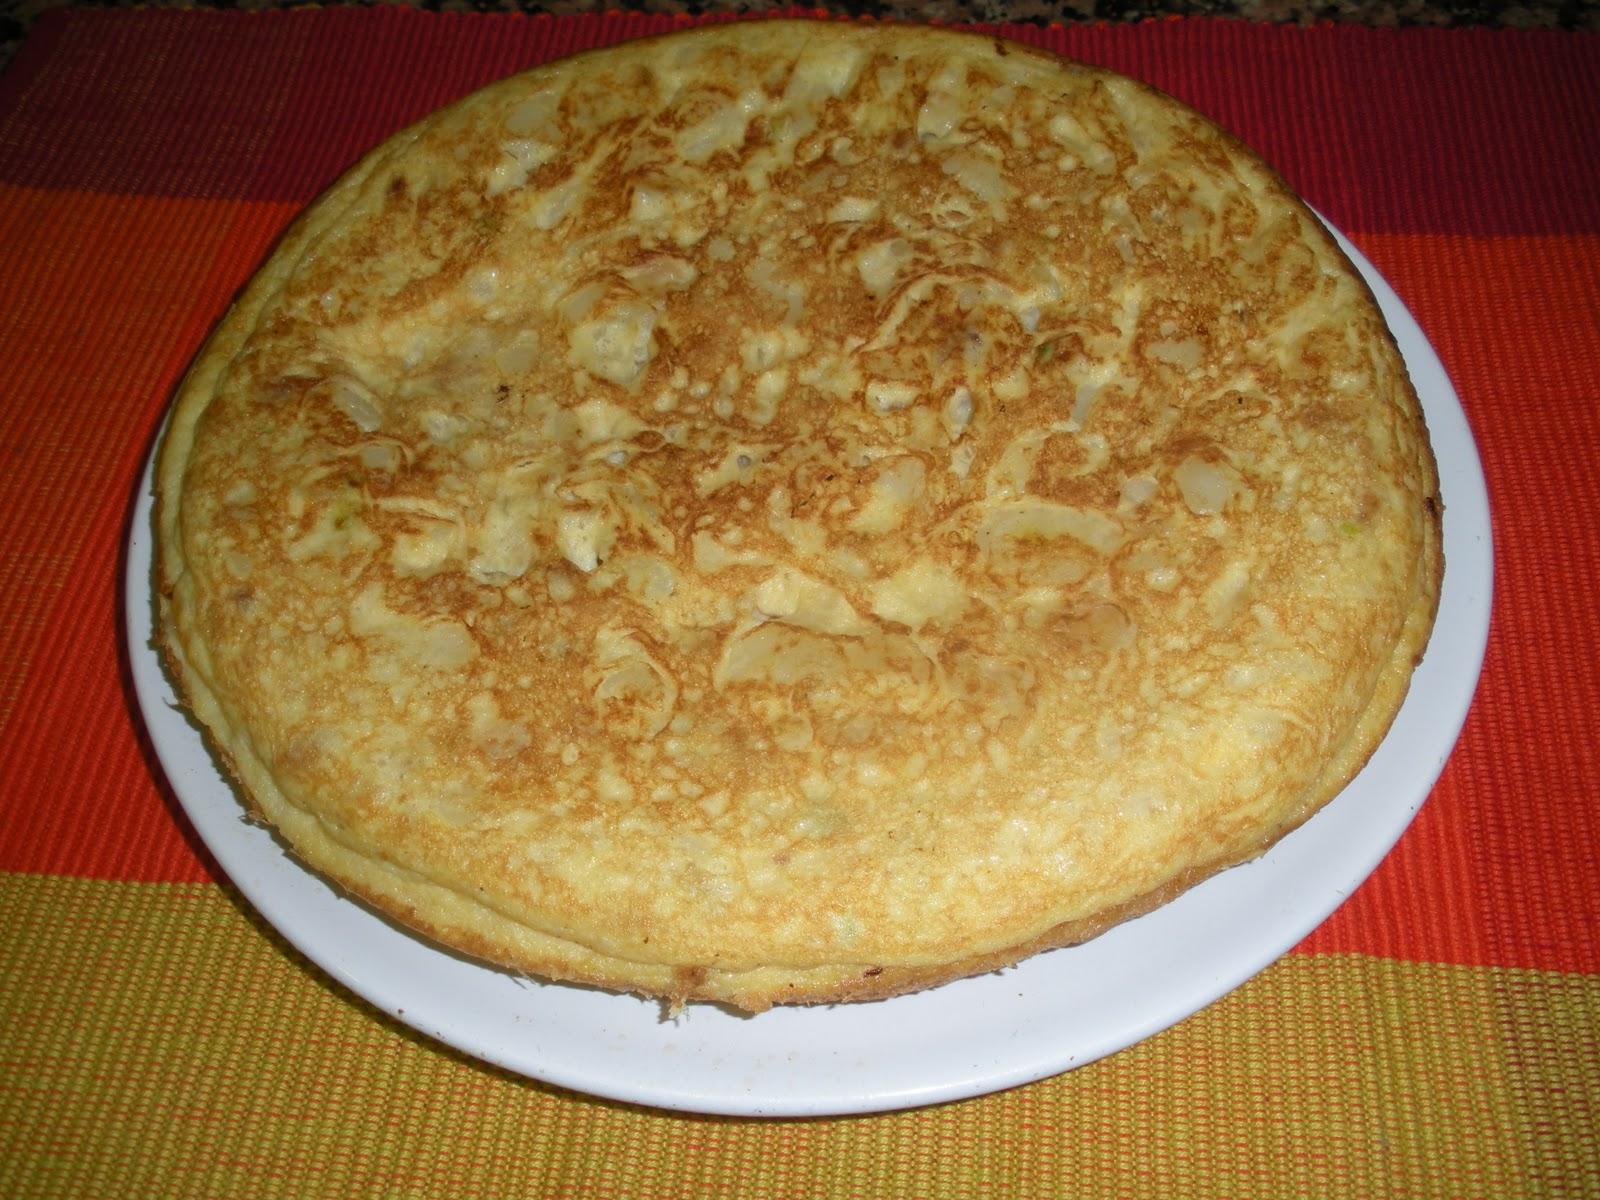 Come bien con ceeft tortilla de calabac n patata y cebolla - Tortilla de calabacin y cebolla ...